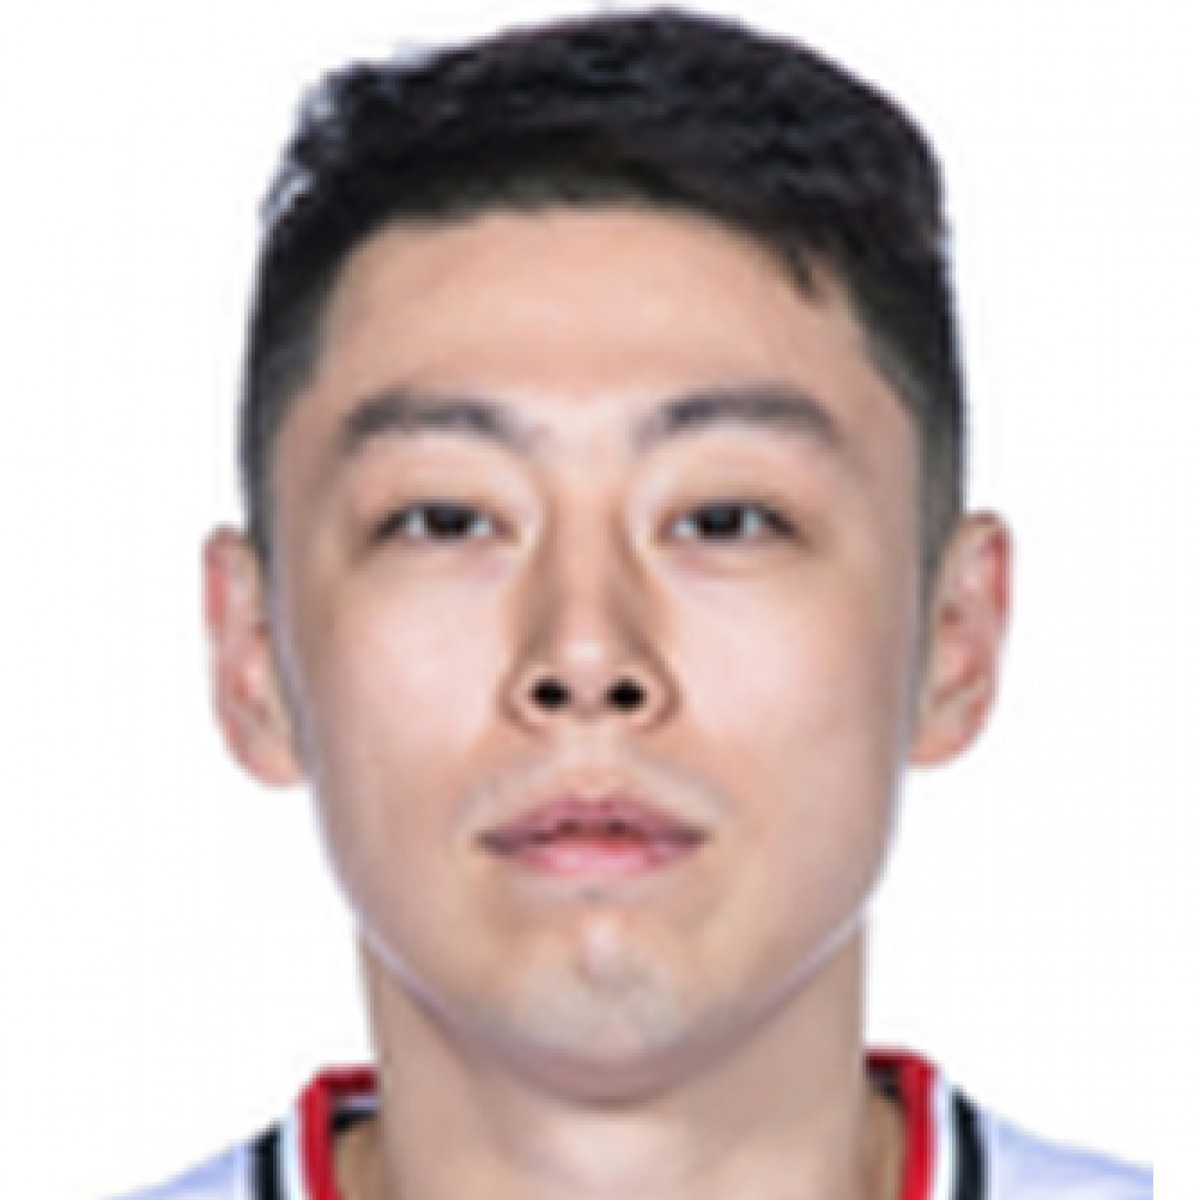 Zhan Dong Zhou